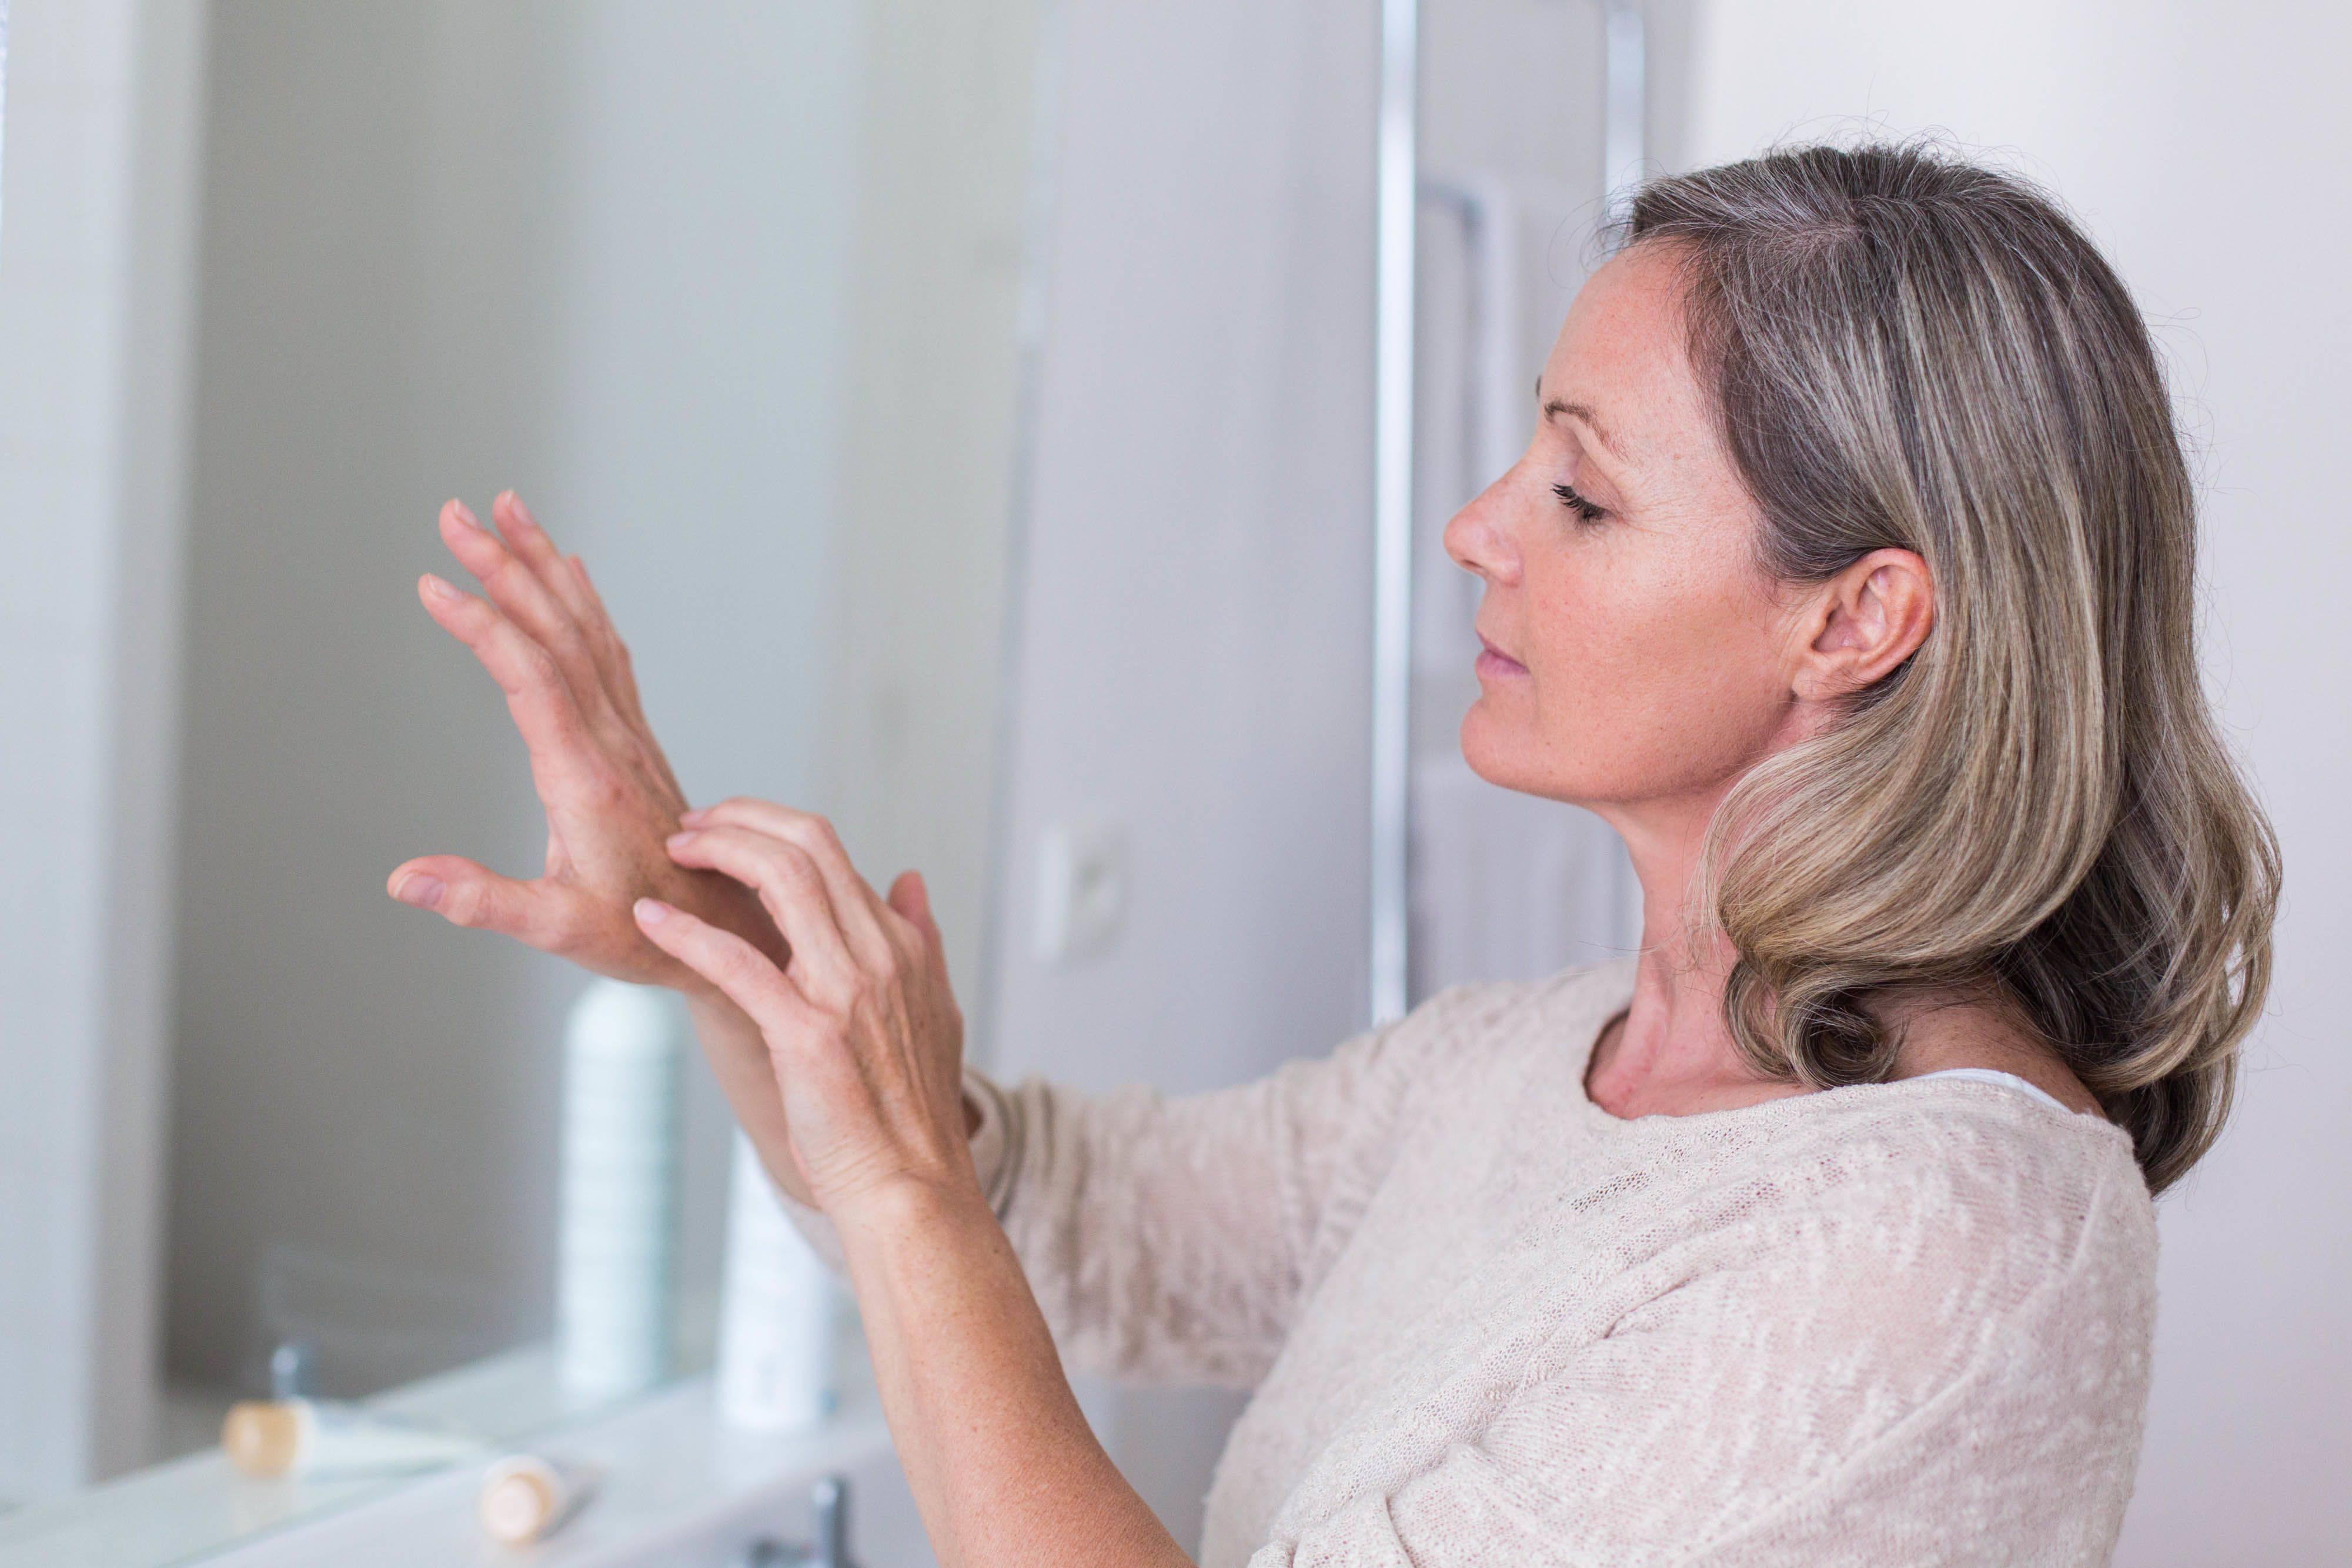 Дерматология в израиле - диагностика и лечение болезней кожи